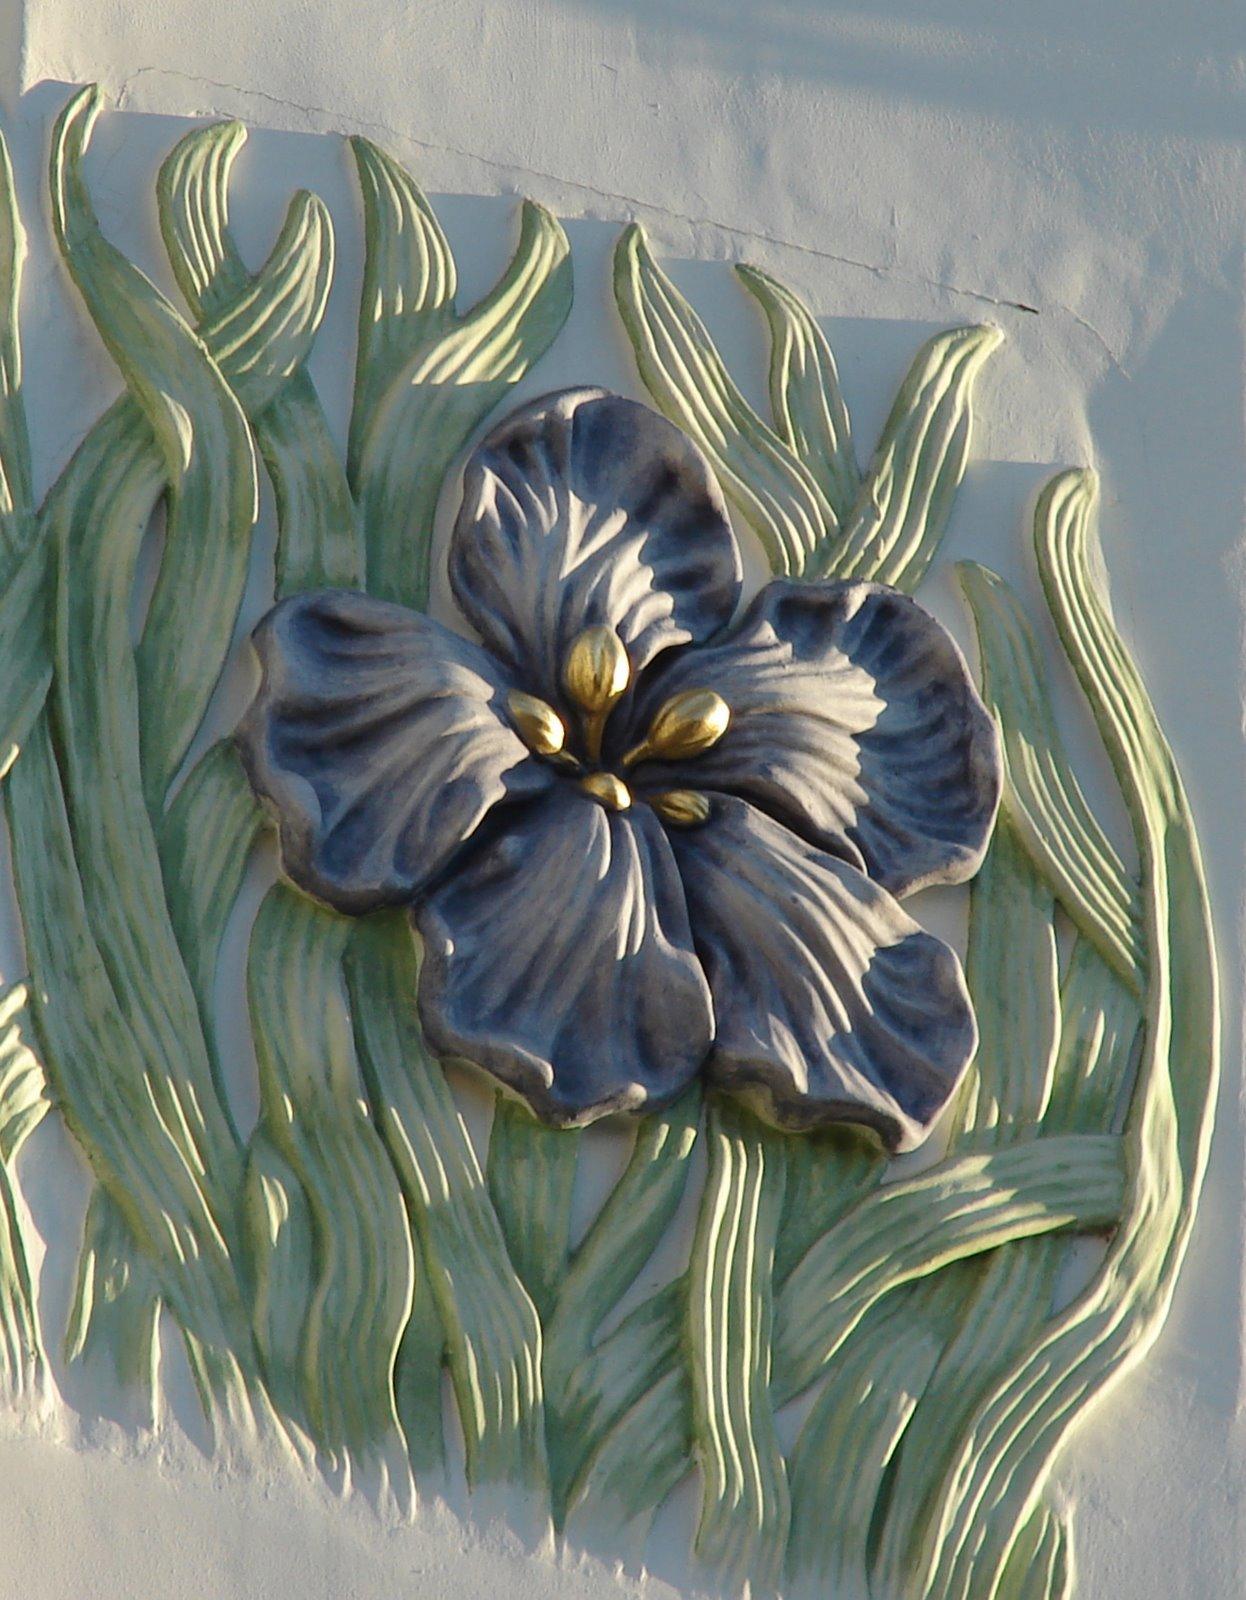 Art Nouveau Flower Images File:art Nouveau Flower.jpg